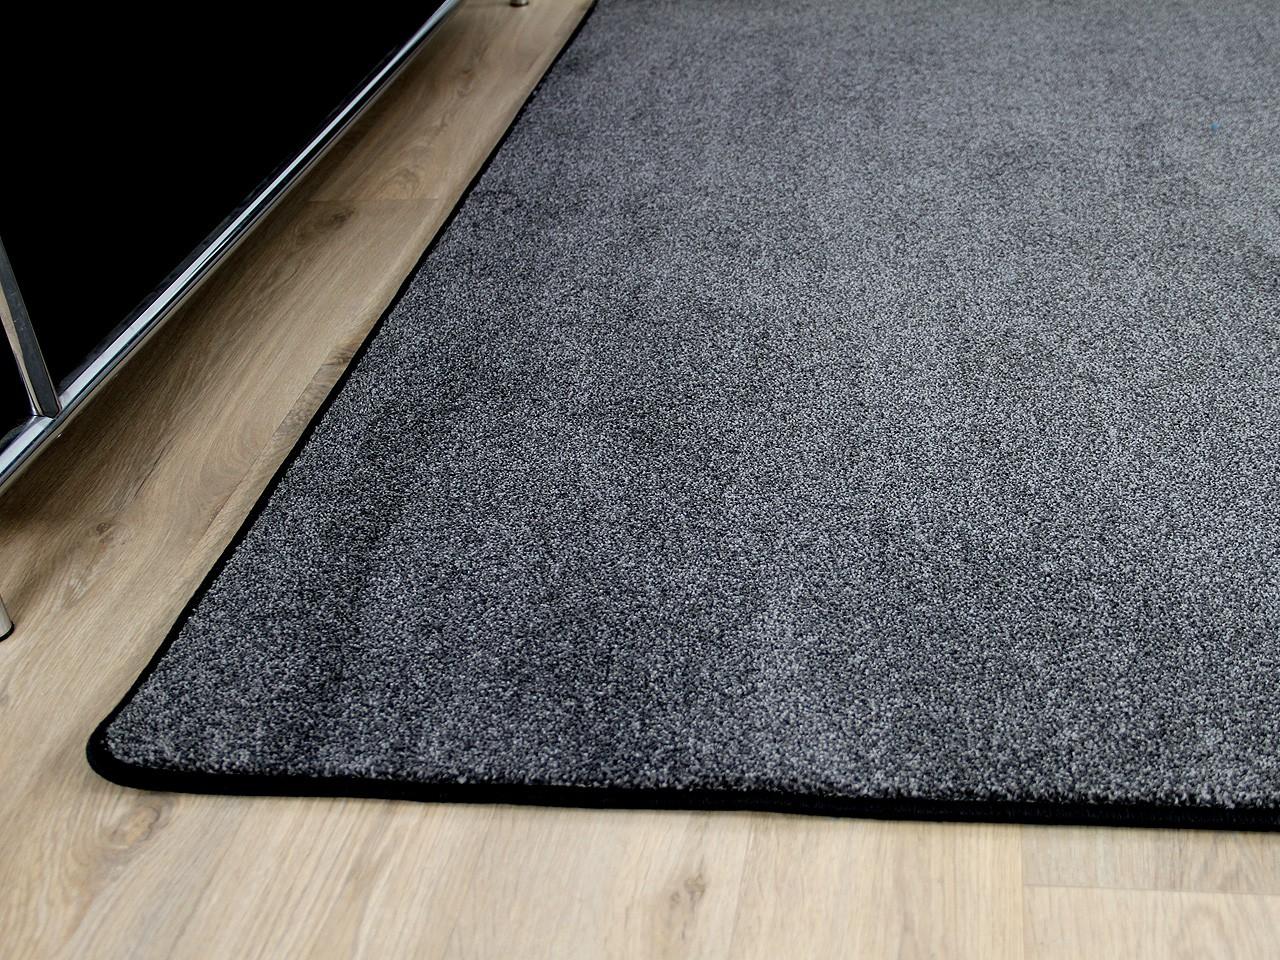 hochflor velours teppich belini melange anthrazit in 24 gr en teppiche hochflor langflor. Black Bedroom Furniture Sets. Home Design Ideas